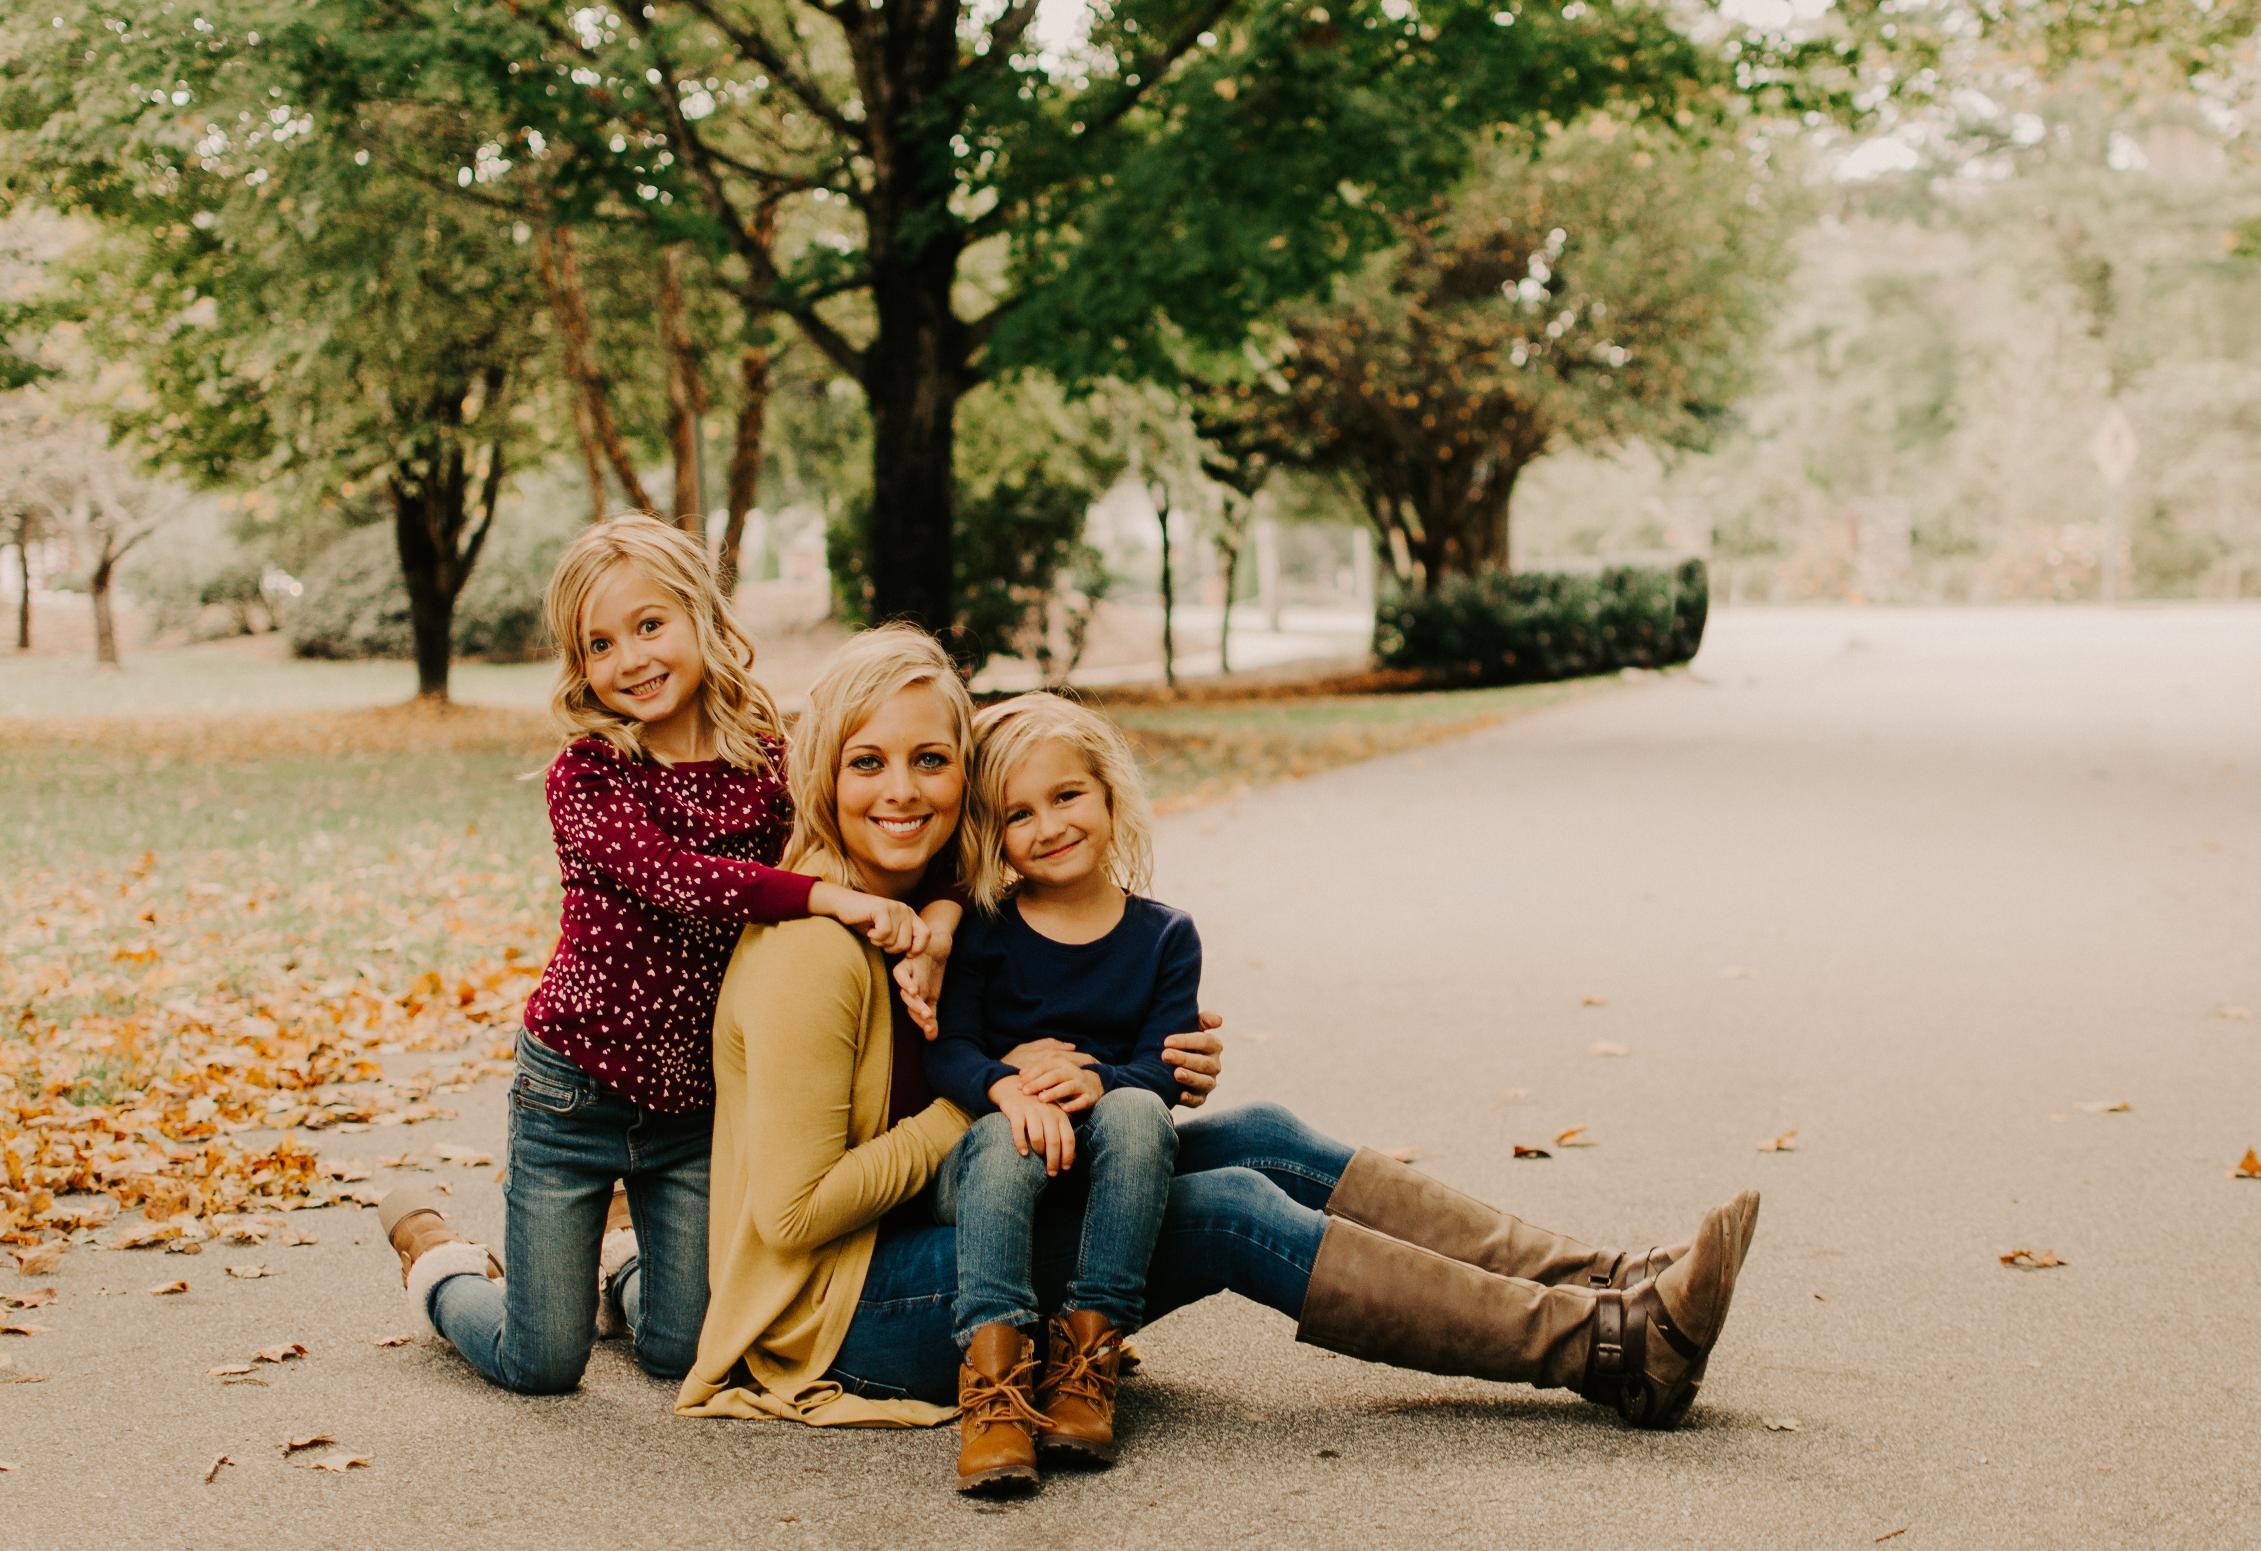 family-portrait-danielle.jpg.